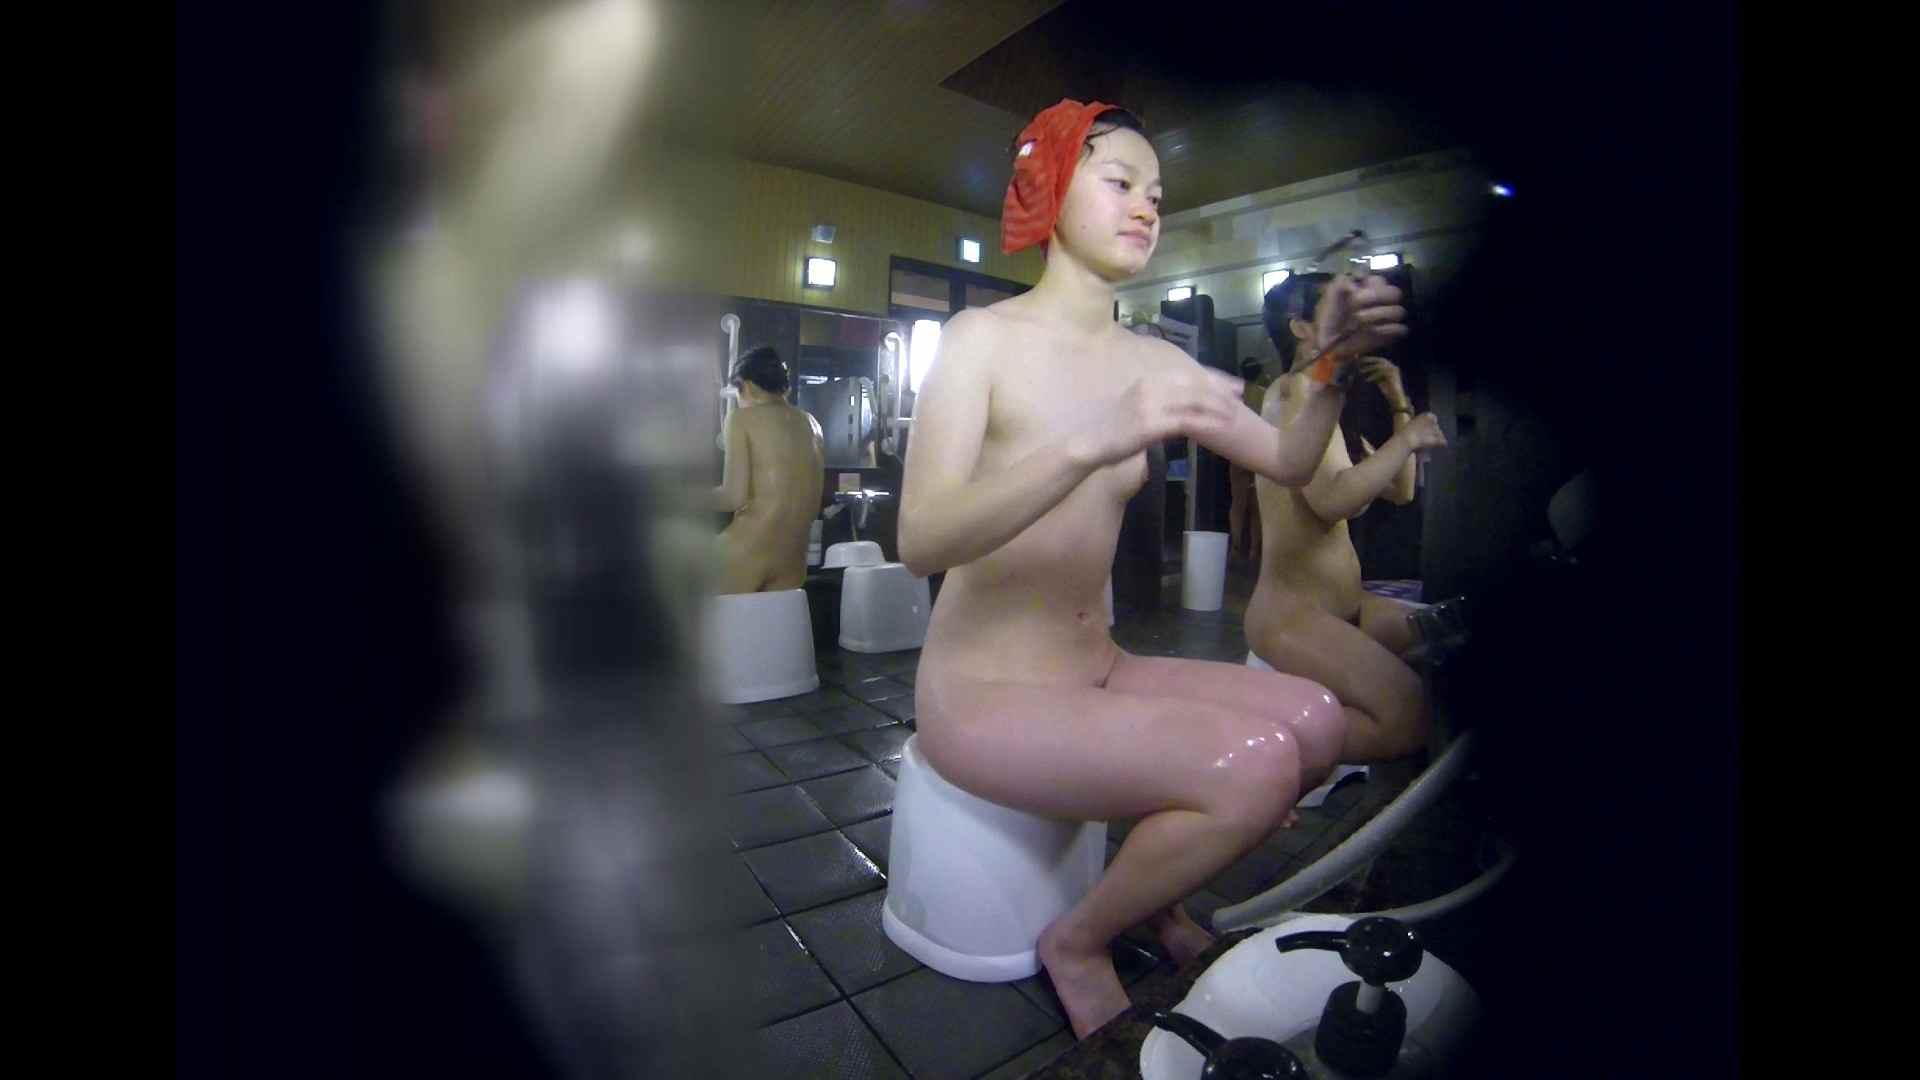 洗い場!オムニバス!3人目の乳首は偉大です! ギャルの乳首 オマンコ動画キャプチャ 70画像 9